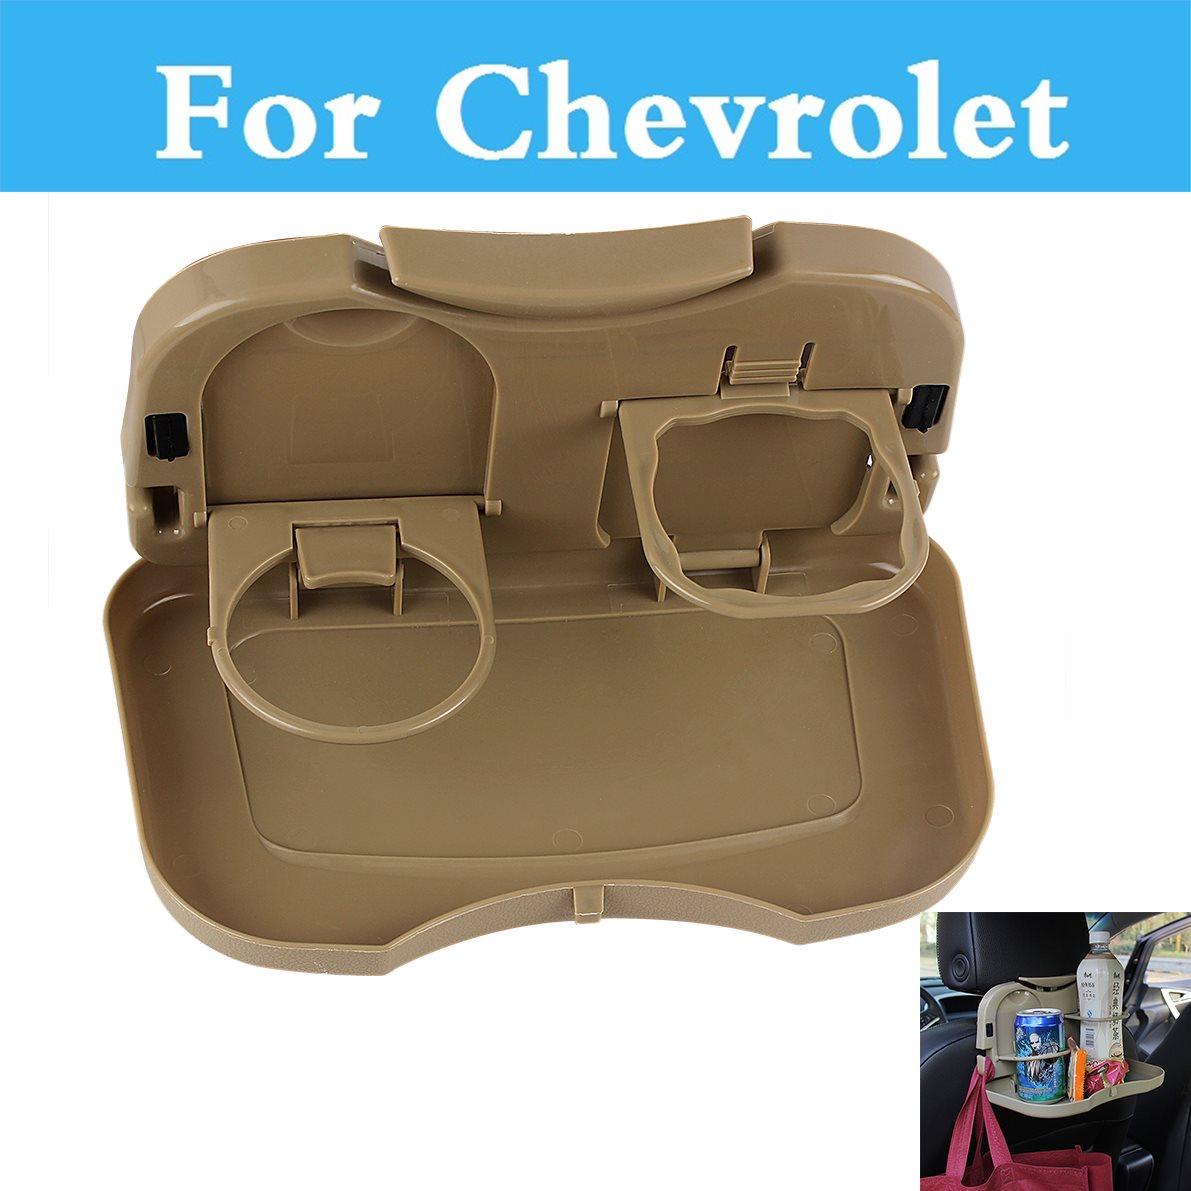 Double Porte-Gobelet De Voiture Porte-boissons Voiture Accessoires Pour Chevrolet Corvette Cruze Epica Impala Kalos Lacetti Equinox Evanda Hhr